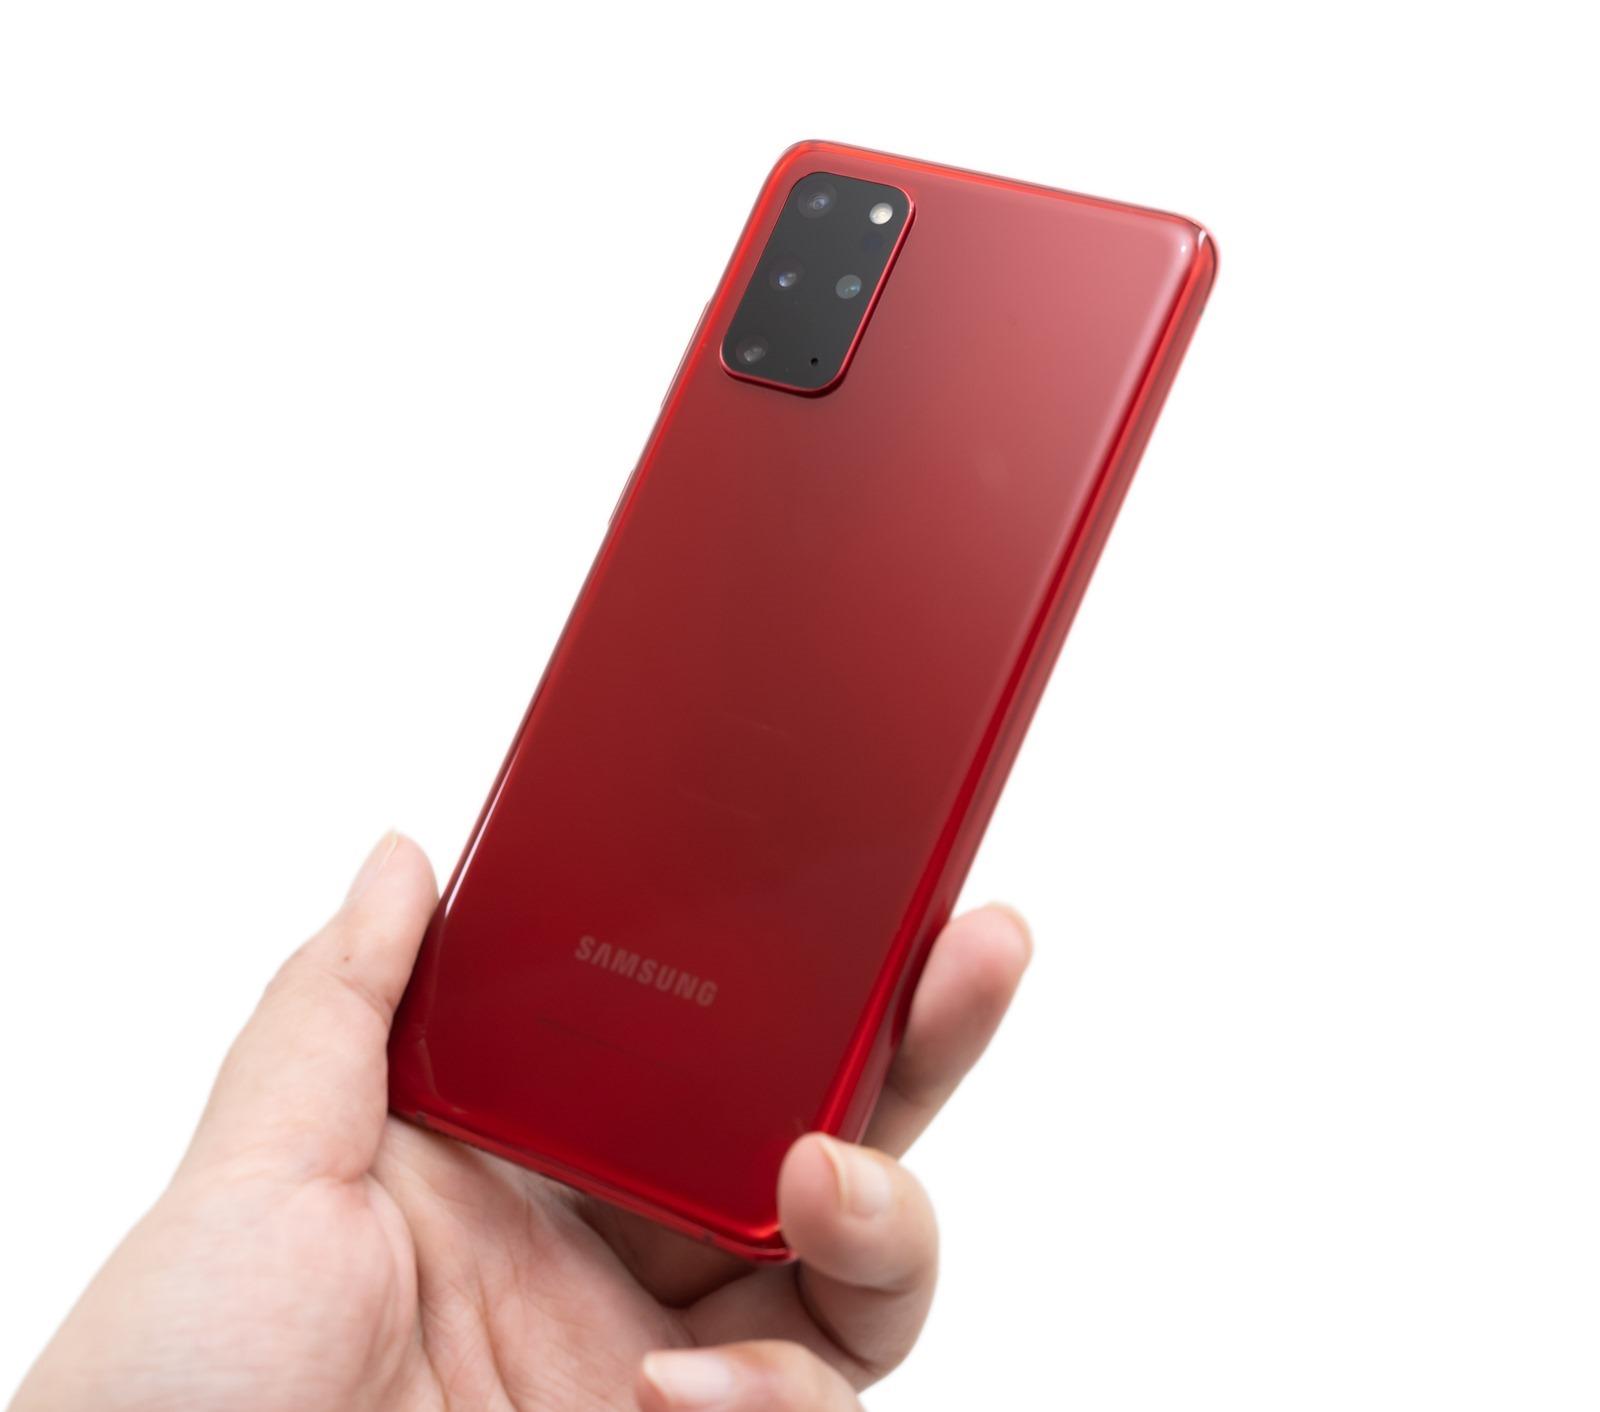 超美三星 Galaxy S20+『Jennie RED』紅色限定版!!台灣沒賣一樣開箱給你看! @3C 達人廖阿輝